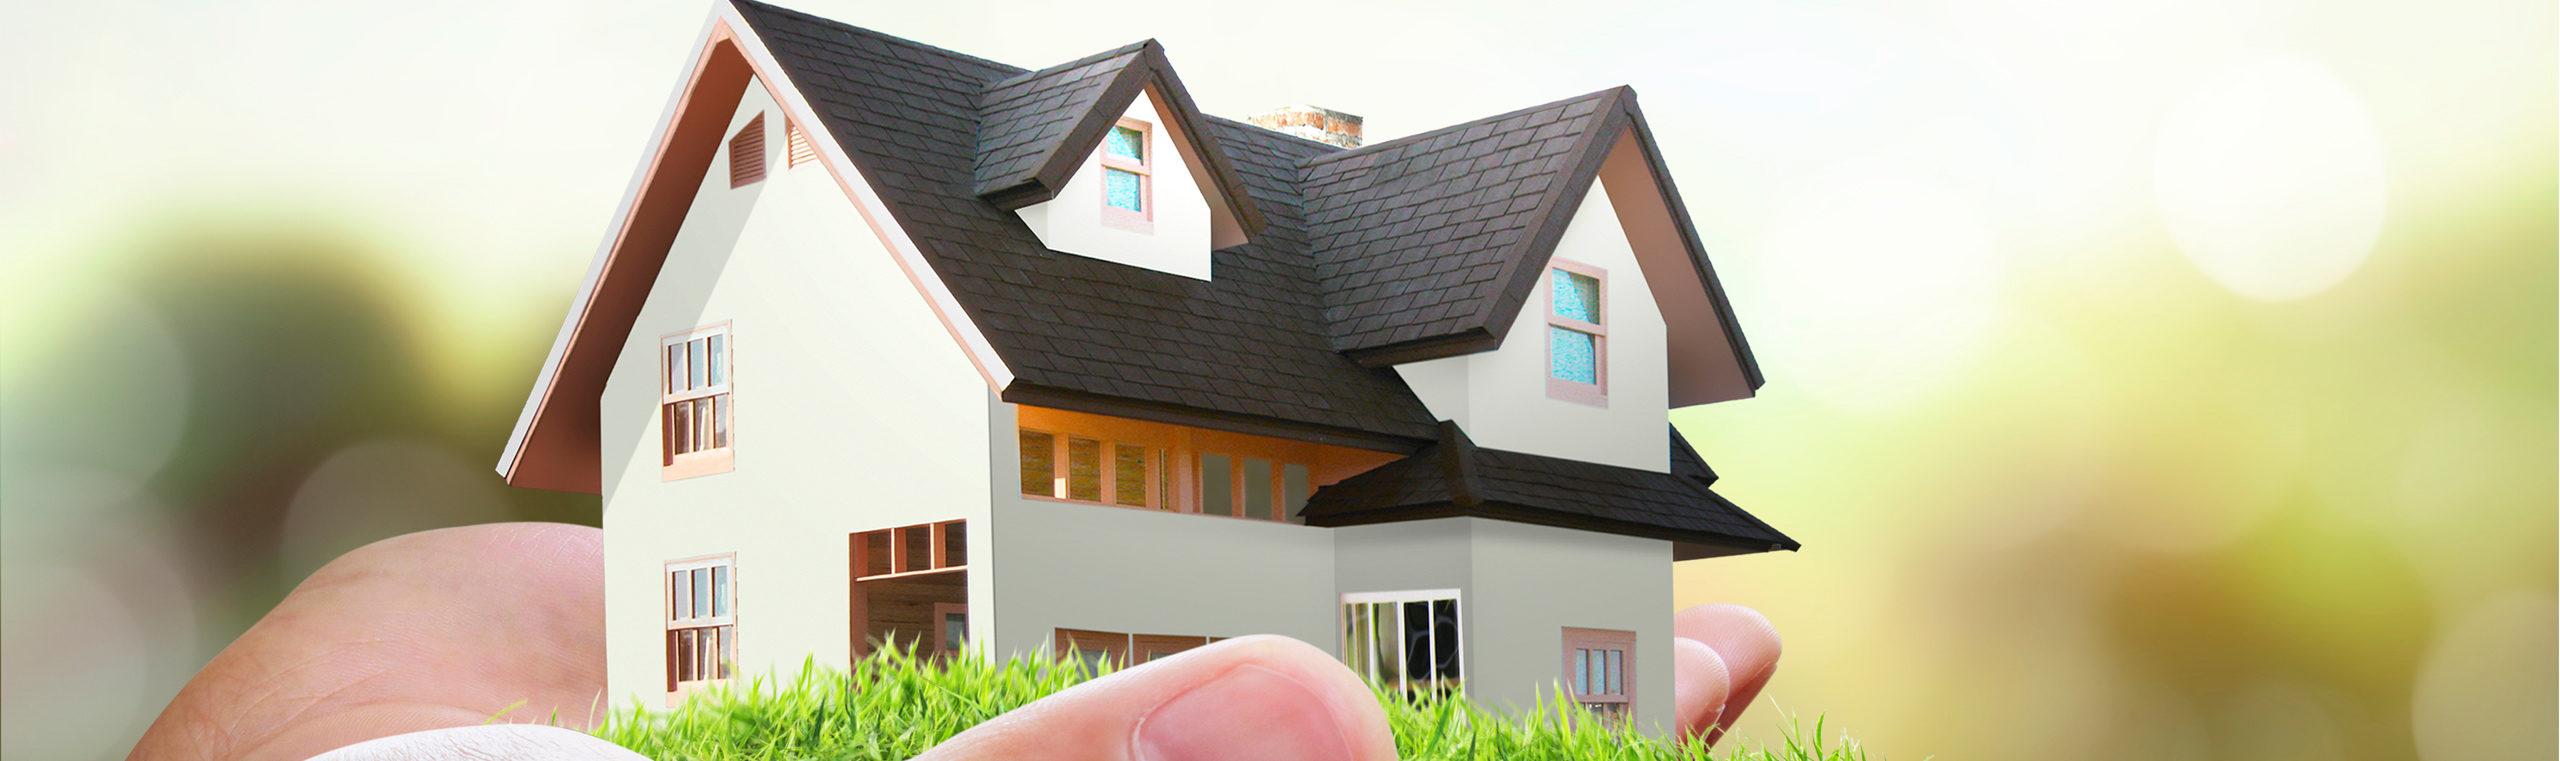 Antifurto casa sistemi di sicurezza civili e industriali - Sistemi di sicurezza casa ...